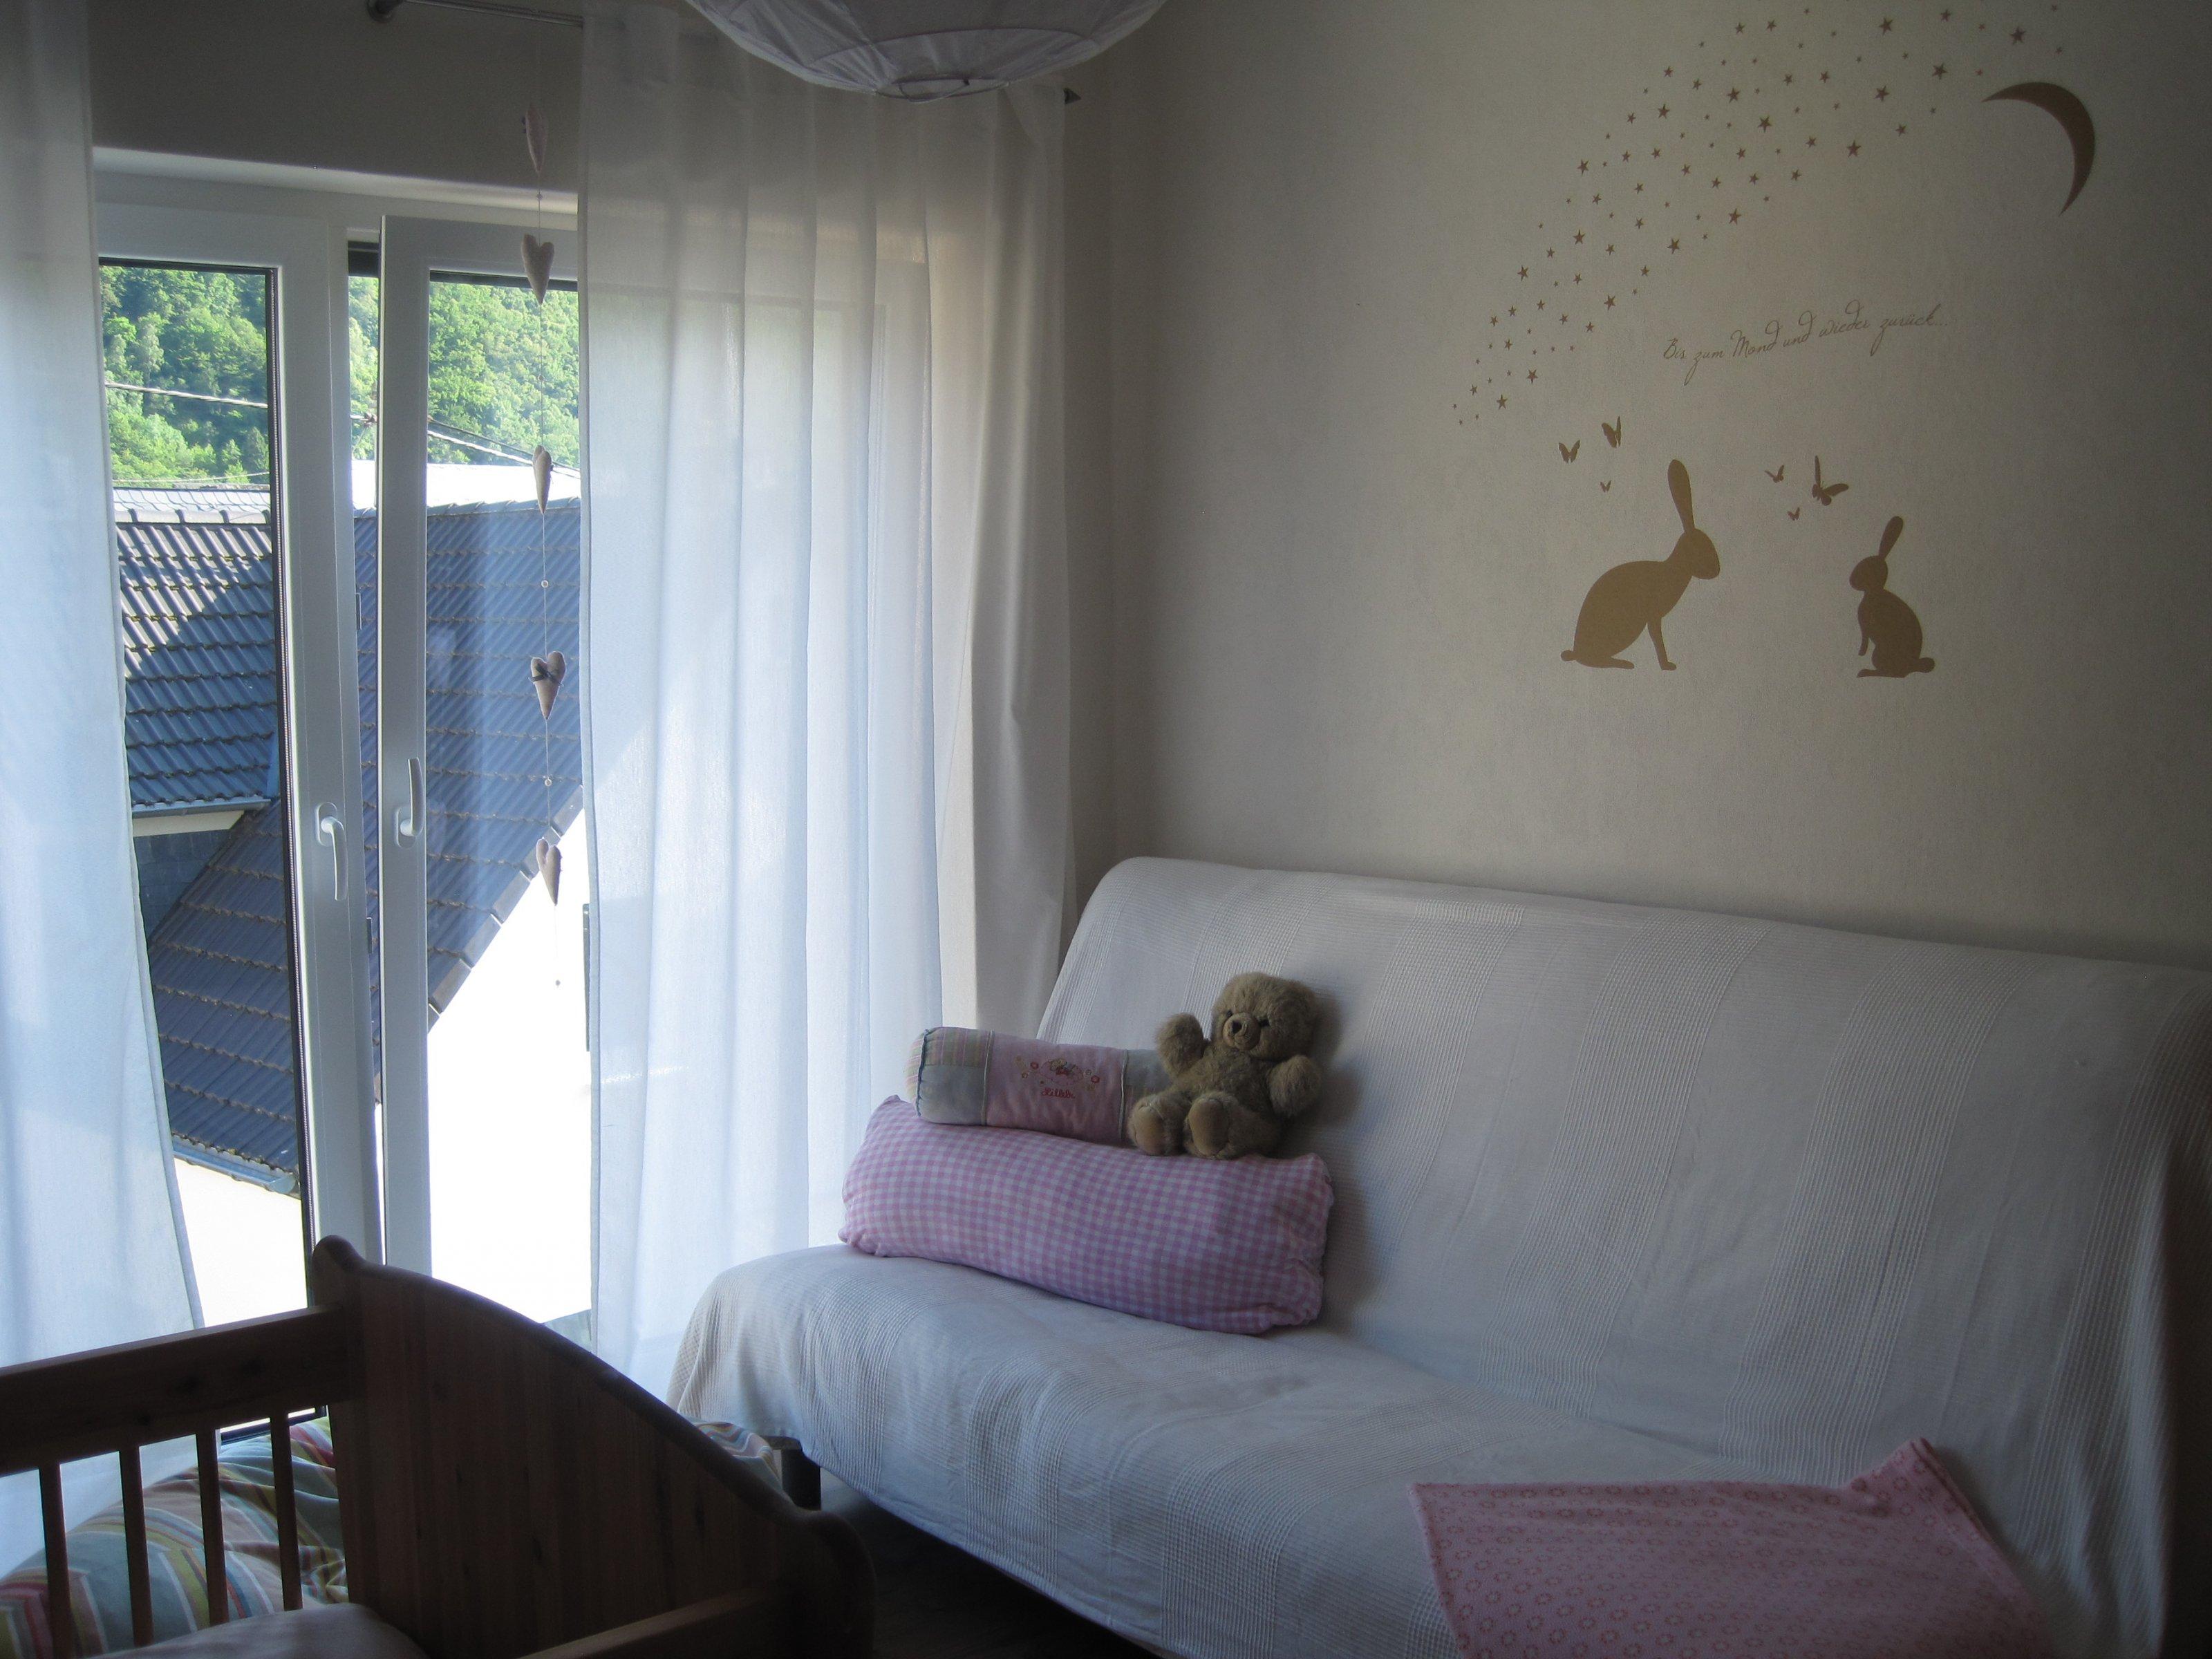 kinderzimmer 39 unsere maus ist endlich da 39 die gem tlichkeit zimmerschau. Black Bedroom Furniture Sets. Home Design Ideas